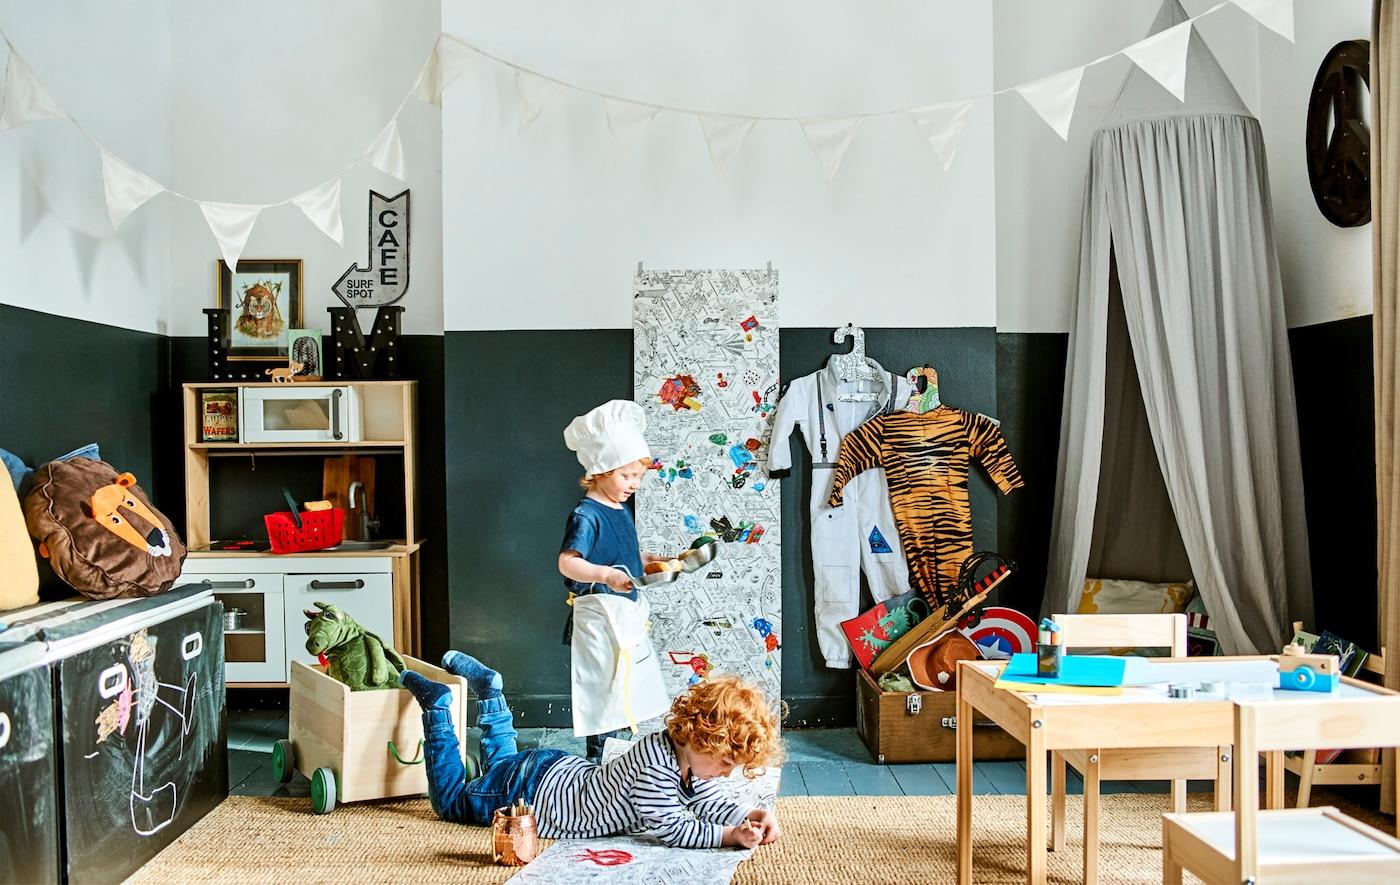 طفلان يلعبان في غرفة بها طاولة صغيرة وكراسي، وسبورة، ومطبخ صغير وشريط زينة.